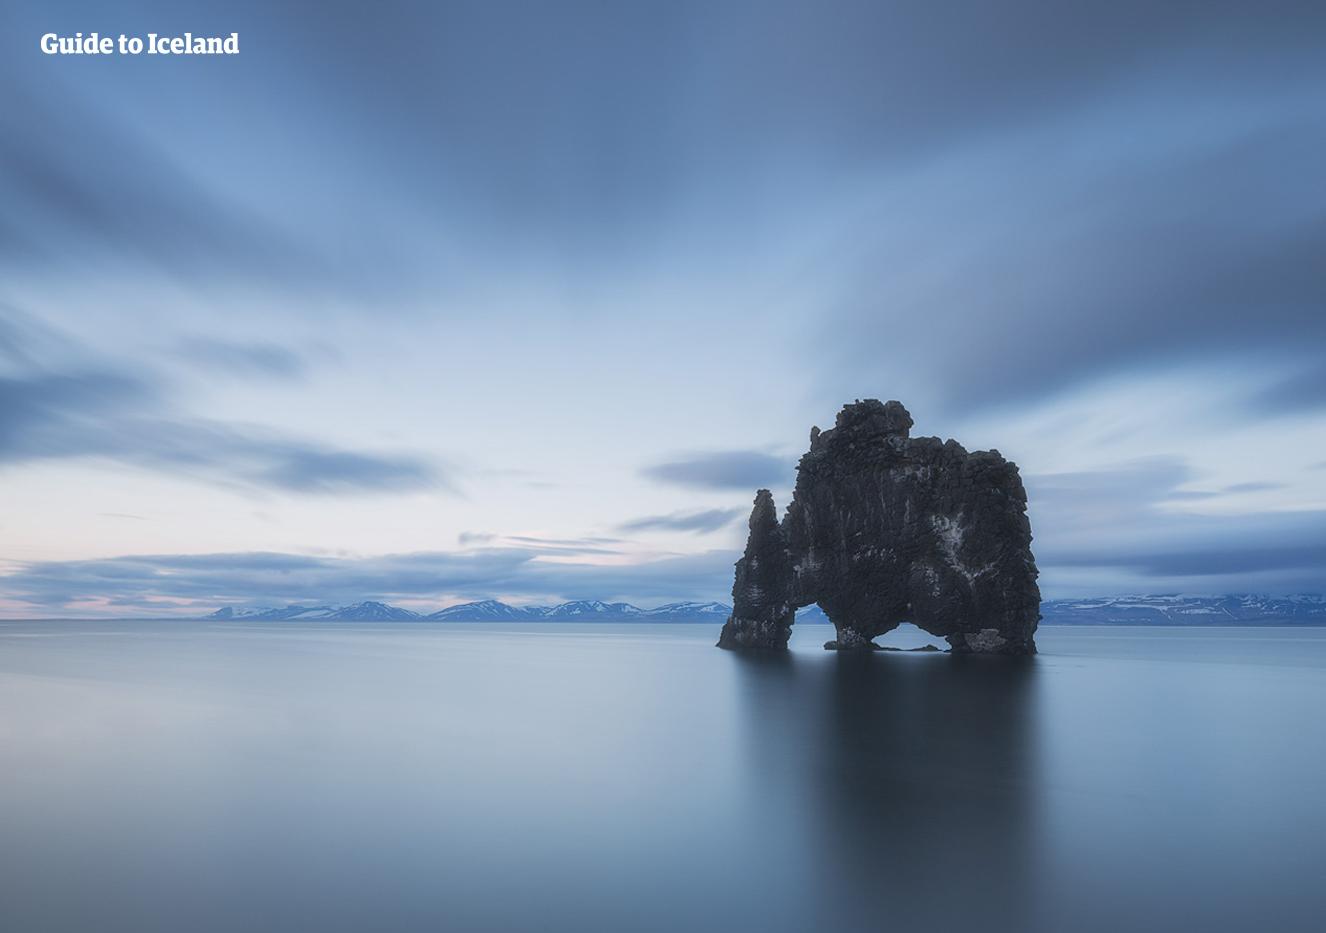 犀牛石Hvítserkur位于Vatnsnes半岛之上,是冰岛最富盛名的地质构造之一